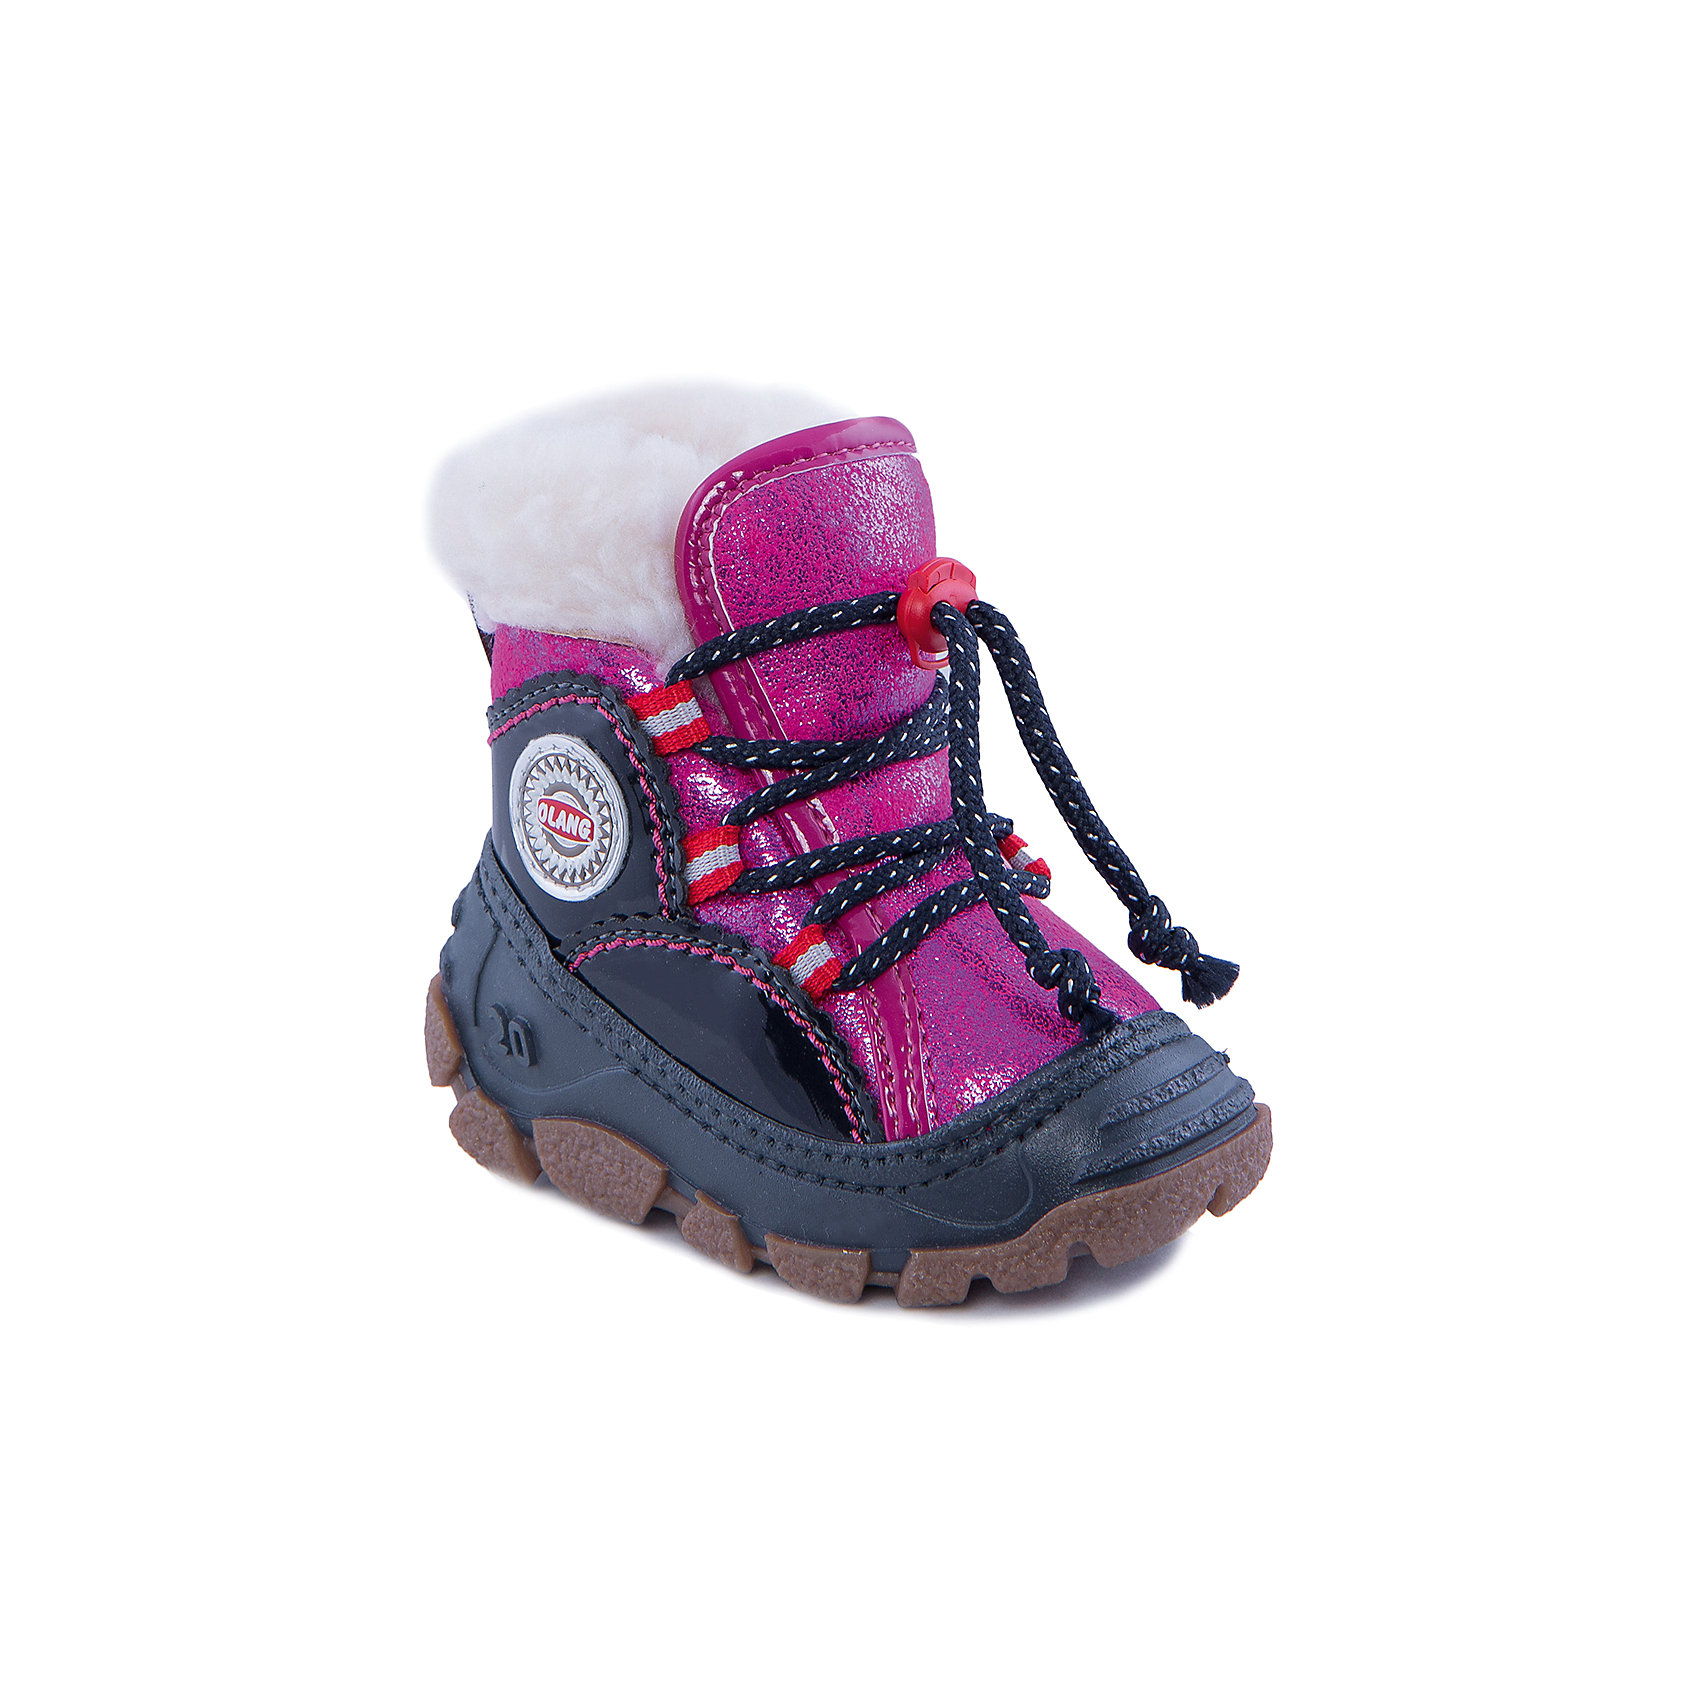 Сапоги для девочки OlangУдобные зимние сапожки для самых маленьких. Благодаря широкому раскрытию ботинка его легко надевать, даже если ребенок еще не умеет вытягивать ножку. Усовершенствованная система шнуровки крепко фиксирует обувь точно по ноге. Подкладка из мягкого меха надежно сохраняет тепло. Итальянский стиль и европейское качество.Состав: <br>Материал верха:70% эко-замша, 20% эко-мех, 10% полиуретан<br>Материал подклада: искусственный мех<br><br>Ширина мм: 257<br>Глубина мм: 180<br>Высота мм: 130<br>Вес г: 420<br>Цвет: розовый<br>Возраст от месяцев: 18<br>Возраст до месяцев: 21<br>Пол: Женский<br>Возраст: Детский<br>Размер: 23/24,27/28,25/26,19/20,21/22<br>SKU: 4279342